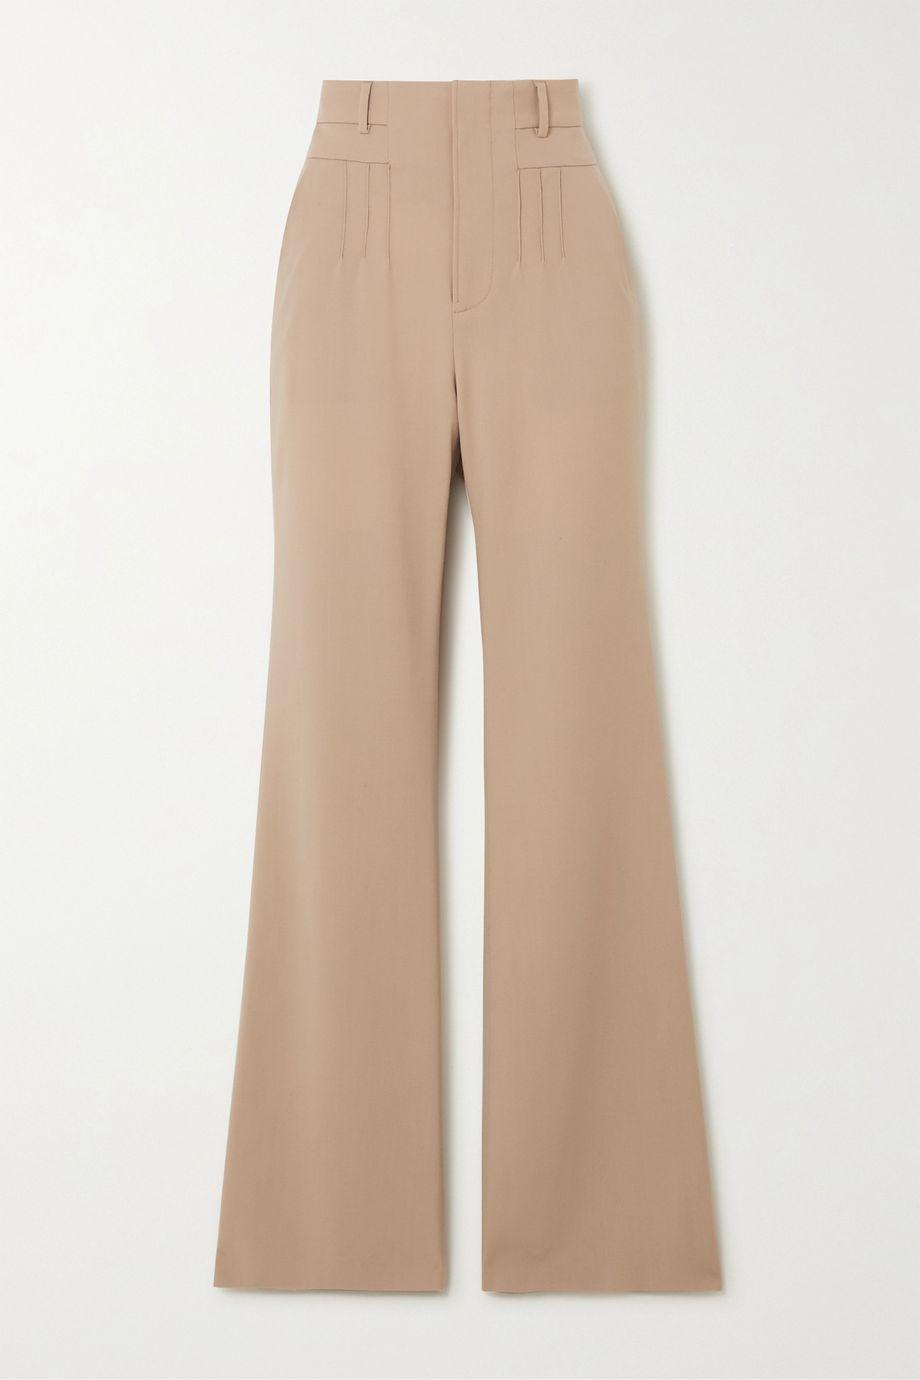 Altuzarra Zeke grain de poudre wool-blend flared pants